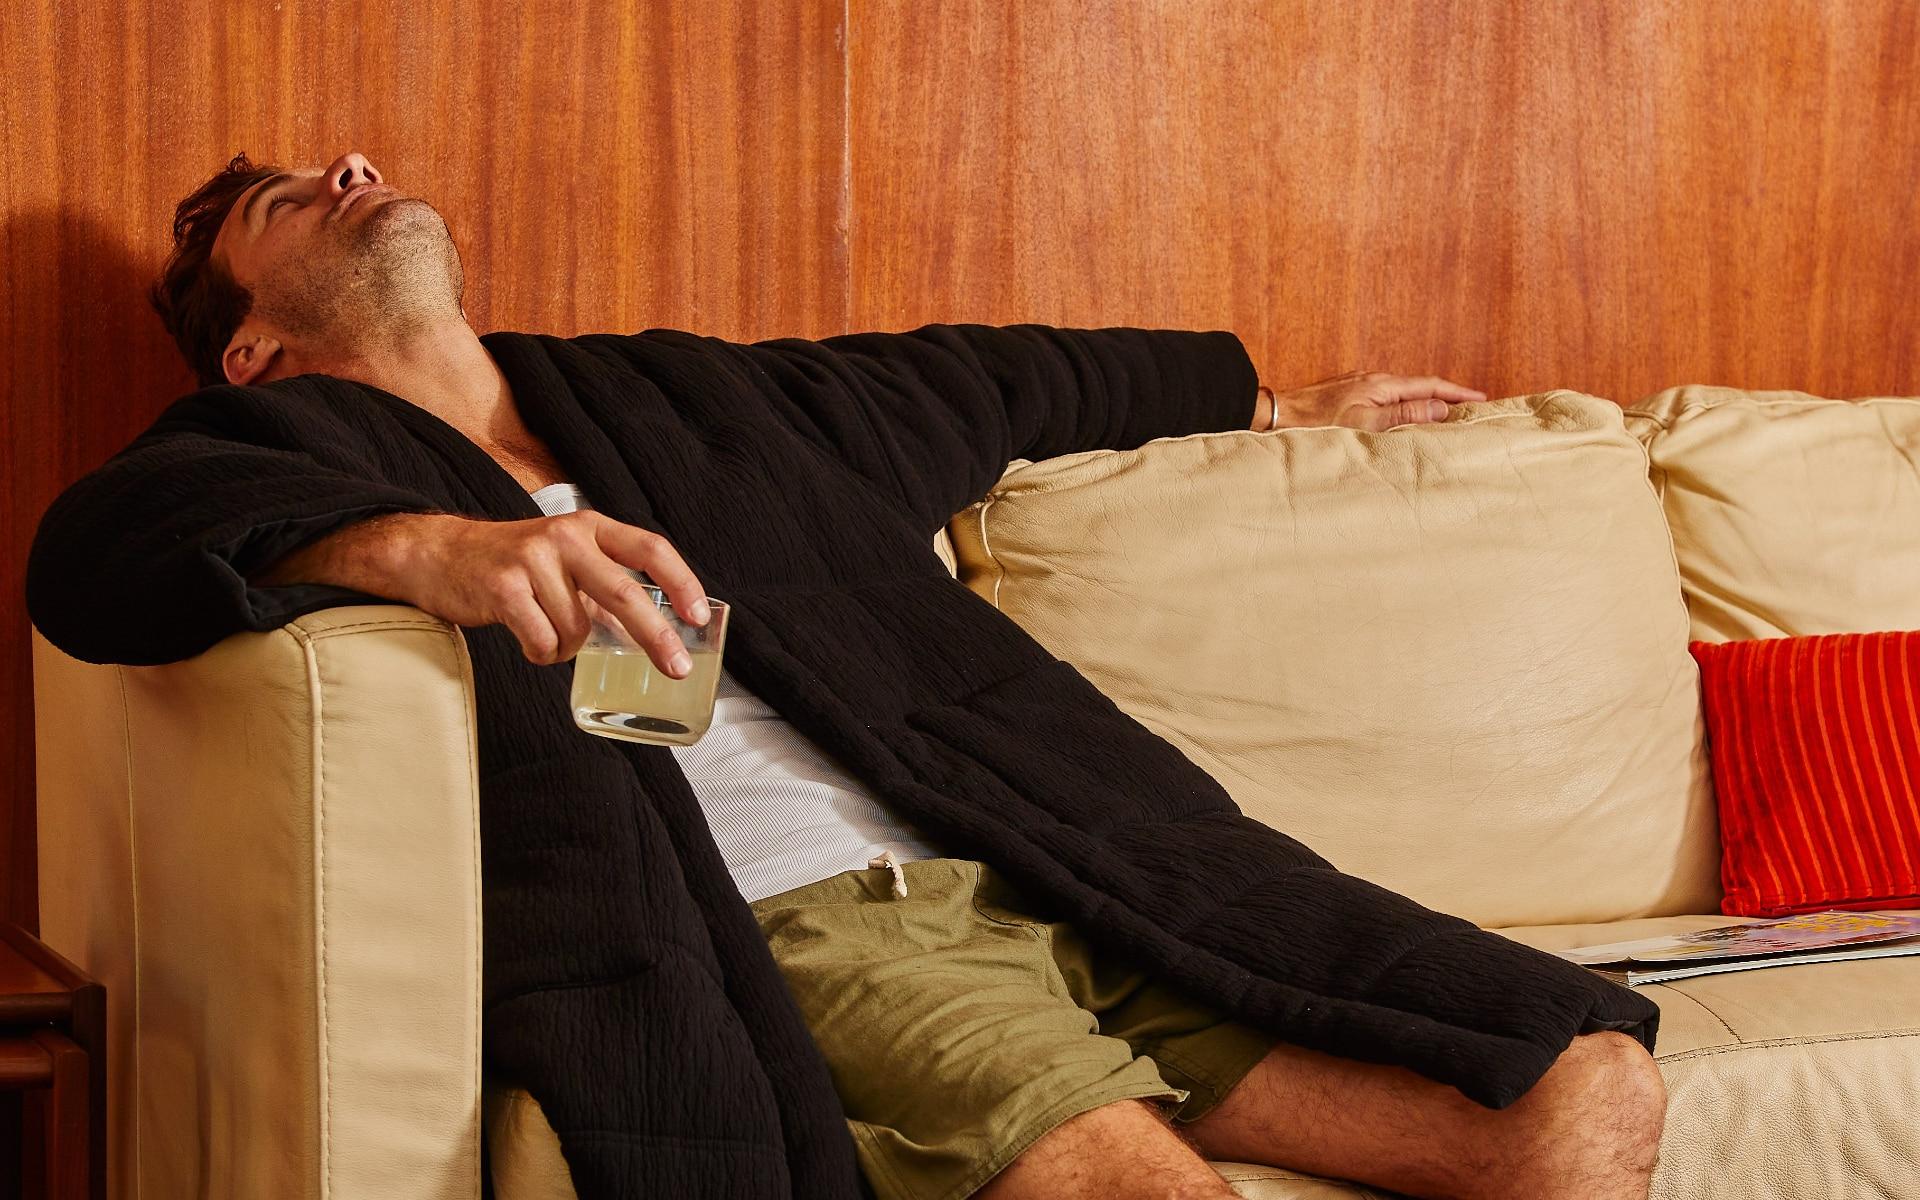 The 15 Best Bathrobes for Men